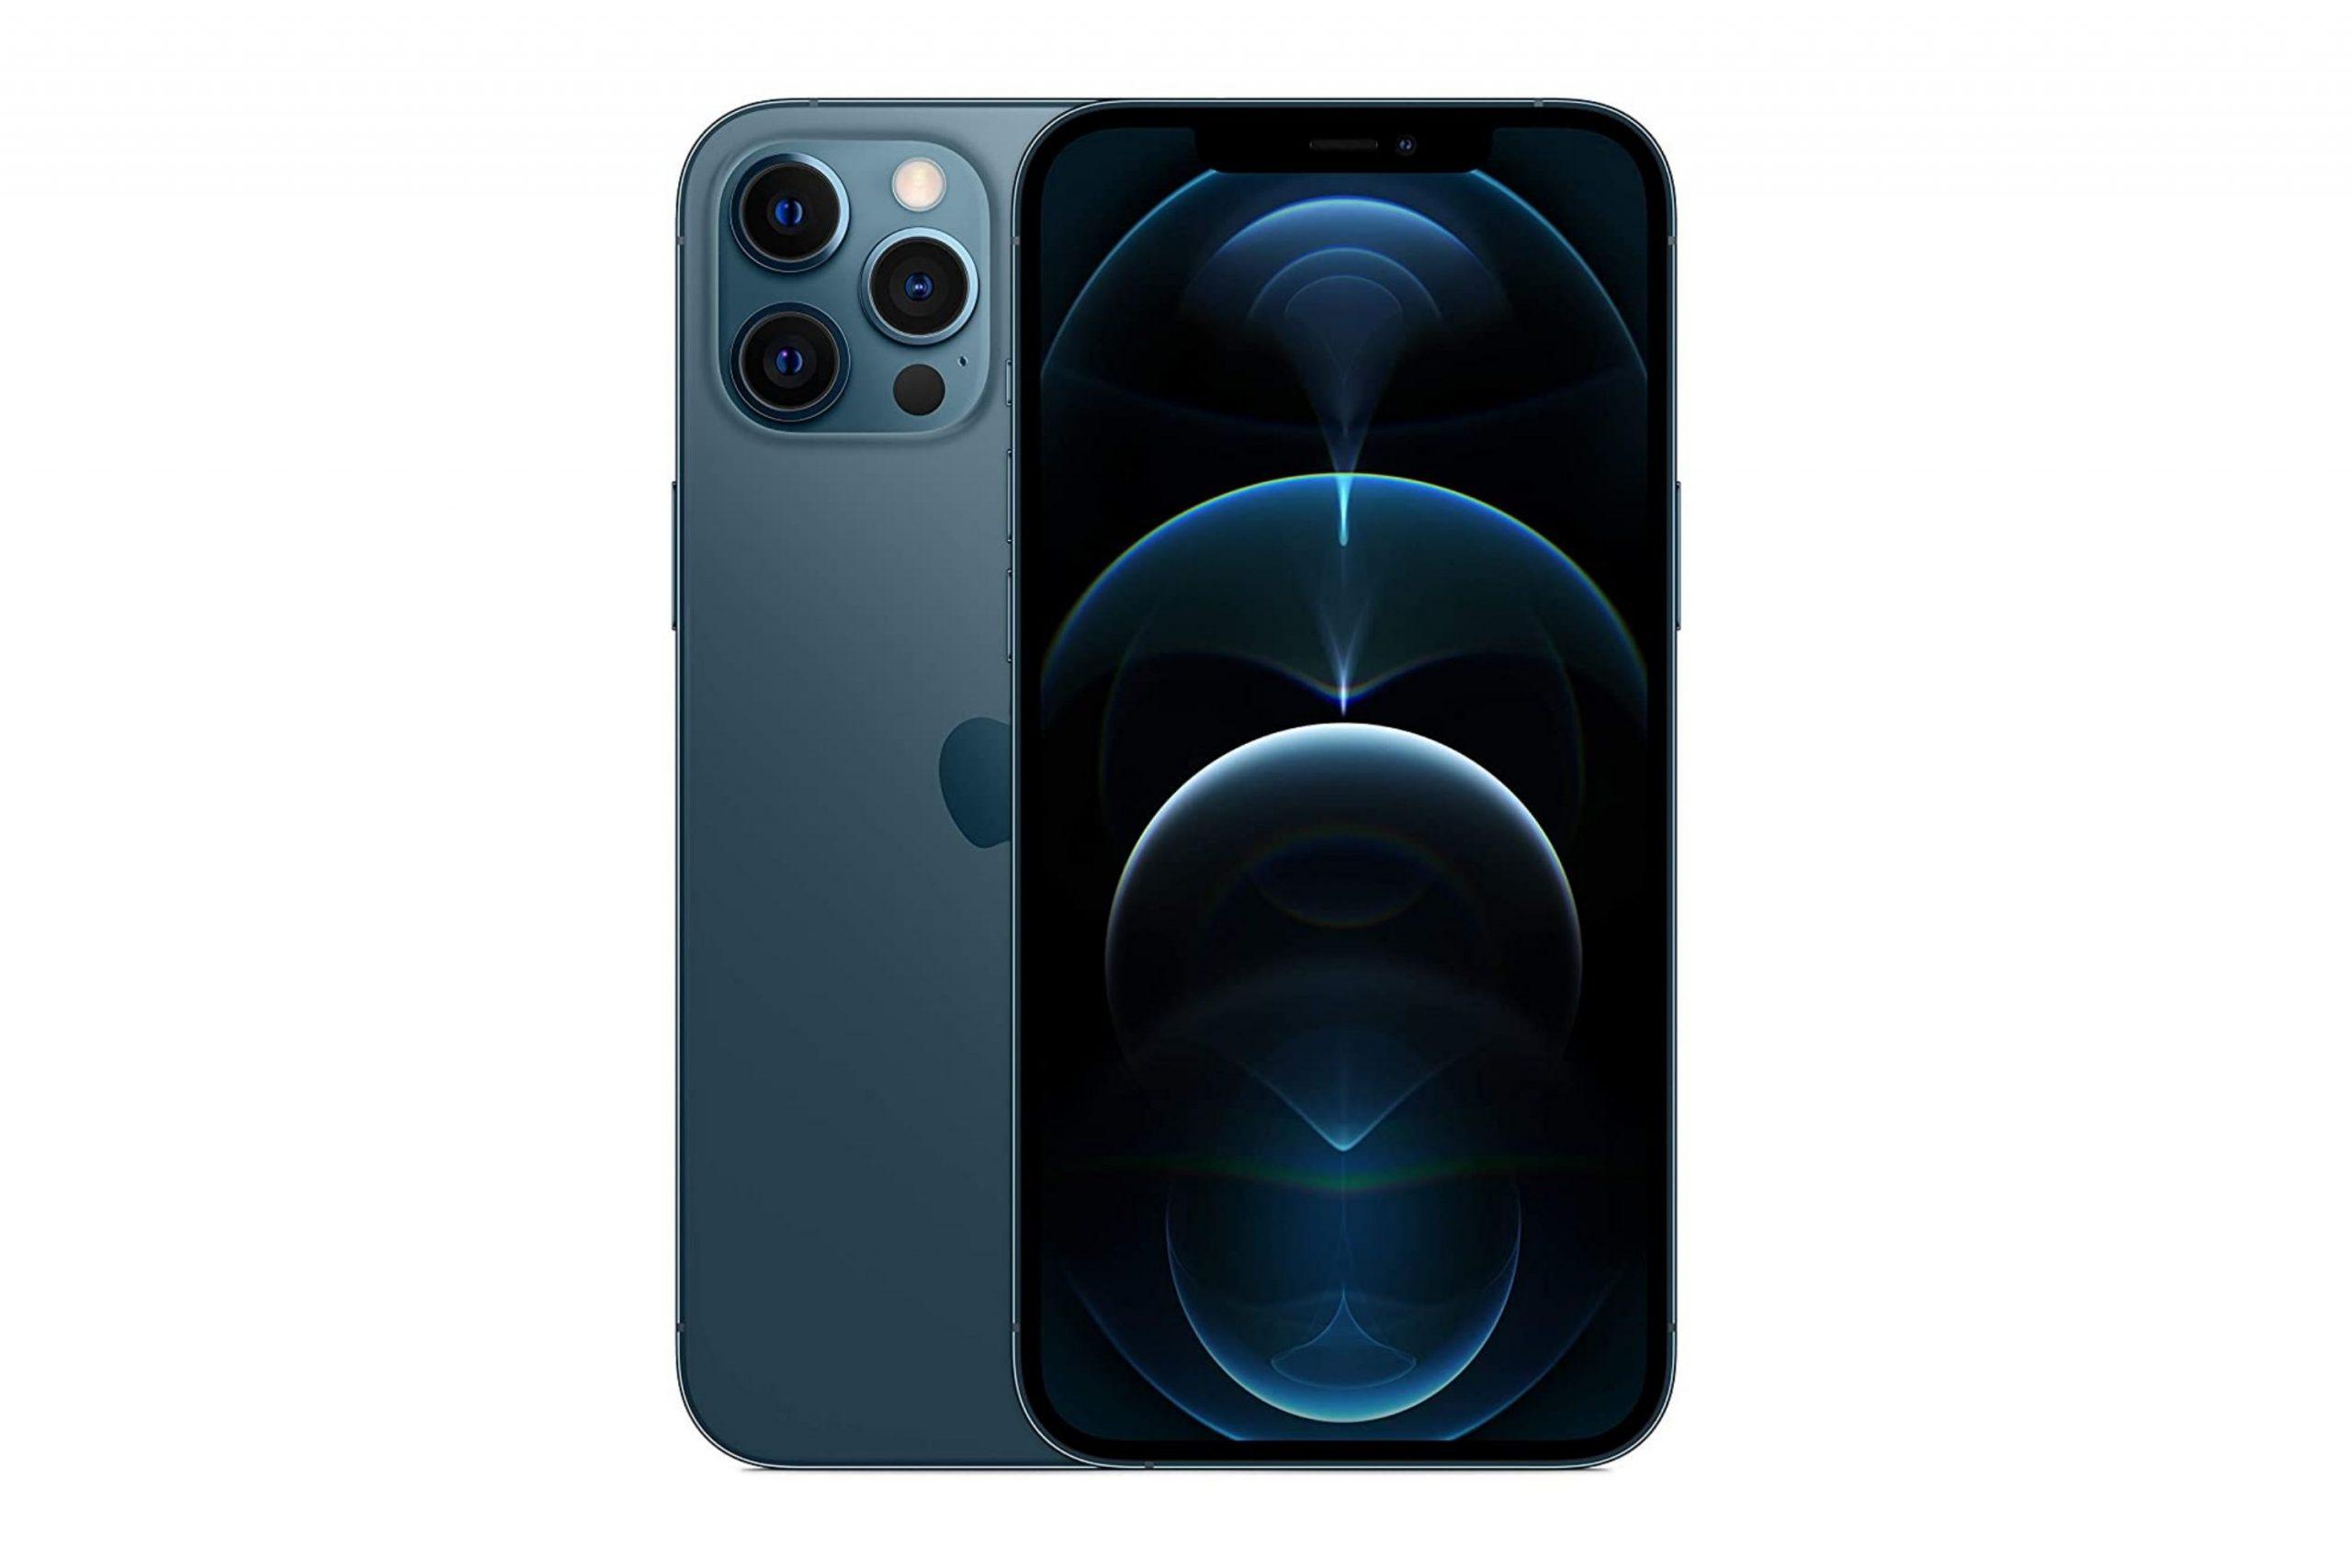 iphone 12 pro repair in kolkata